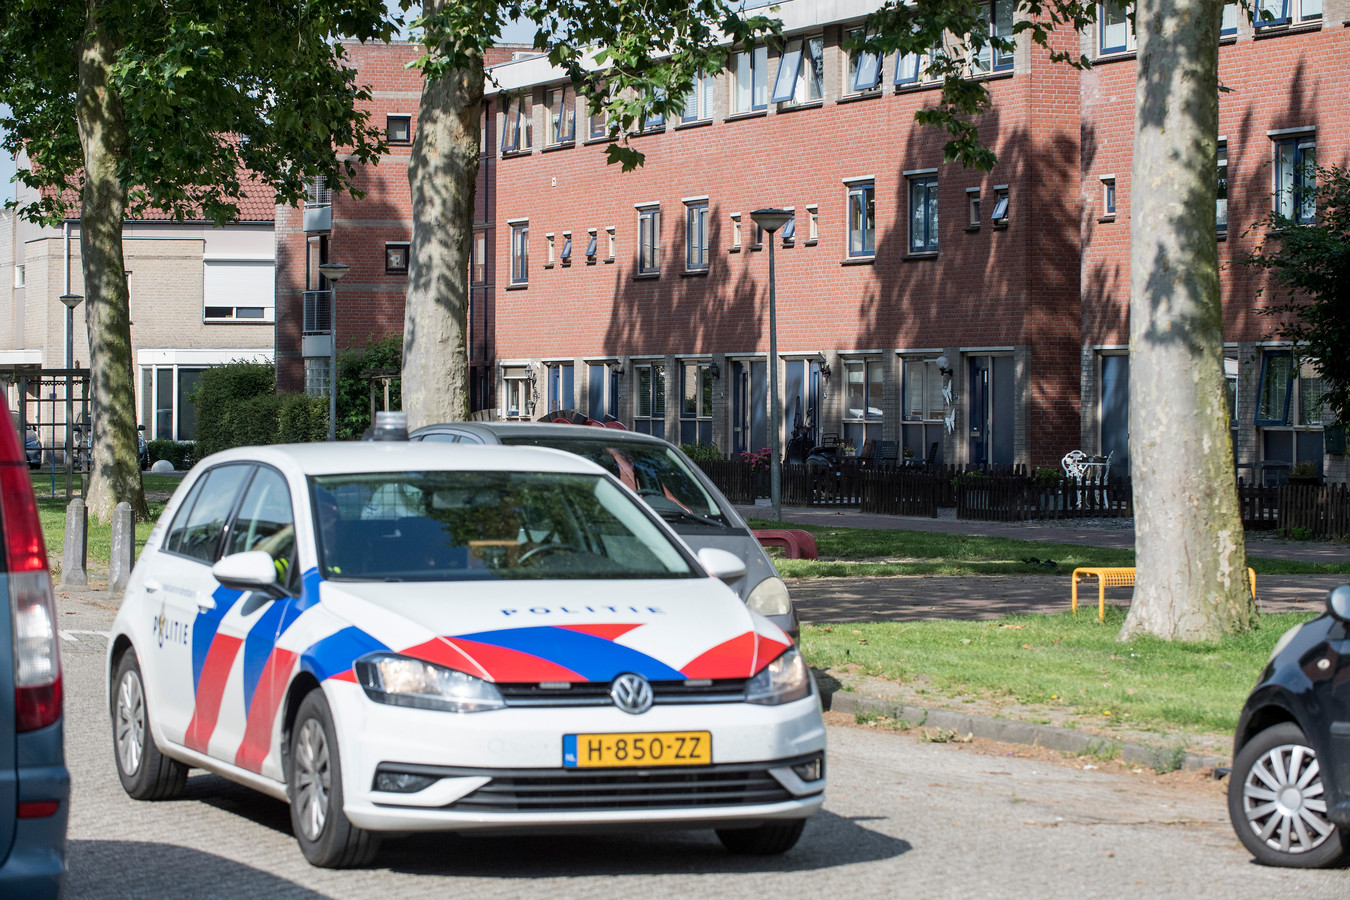 De politie neemt poolshoogte in de straat Pimpernel in Tiel waar de vermeende schutter van Peter R de Vries zou wonen.